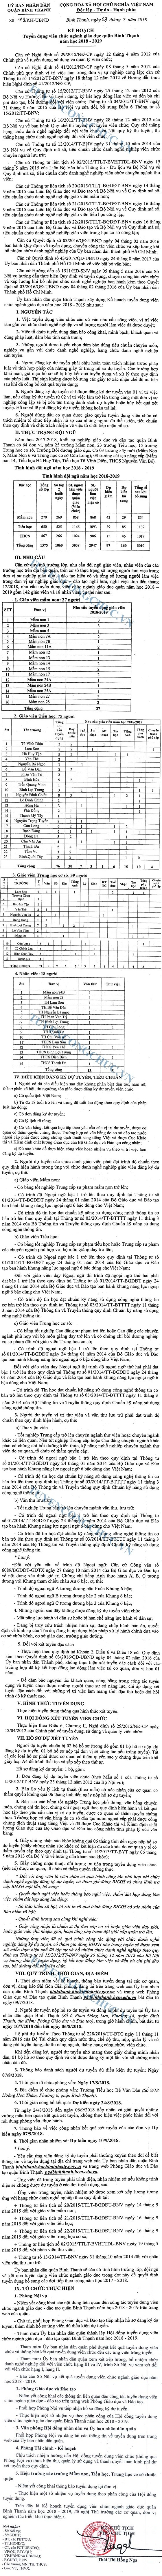 UBND Quận Bình Thạnh, TP.Hồ Chí Minh tuyển dụng viên chức giáo dục năm học 2018 - 2019